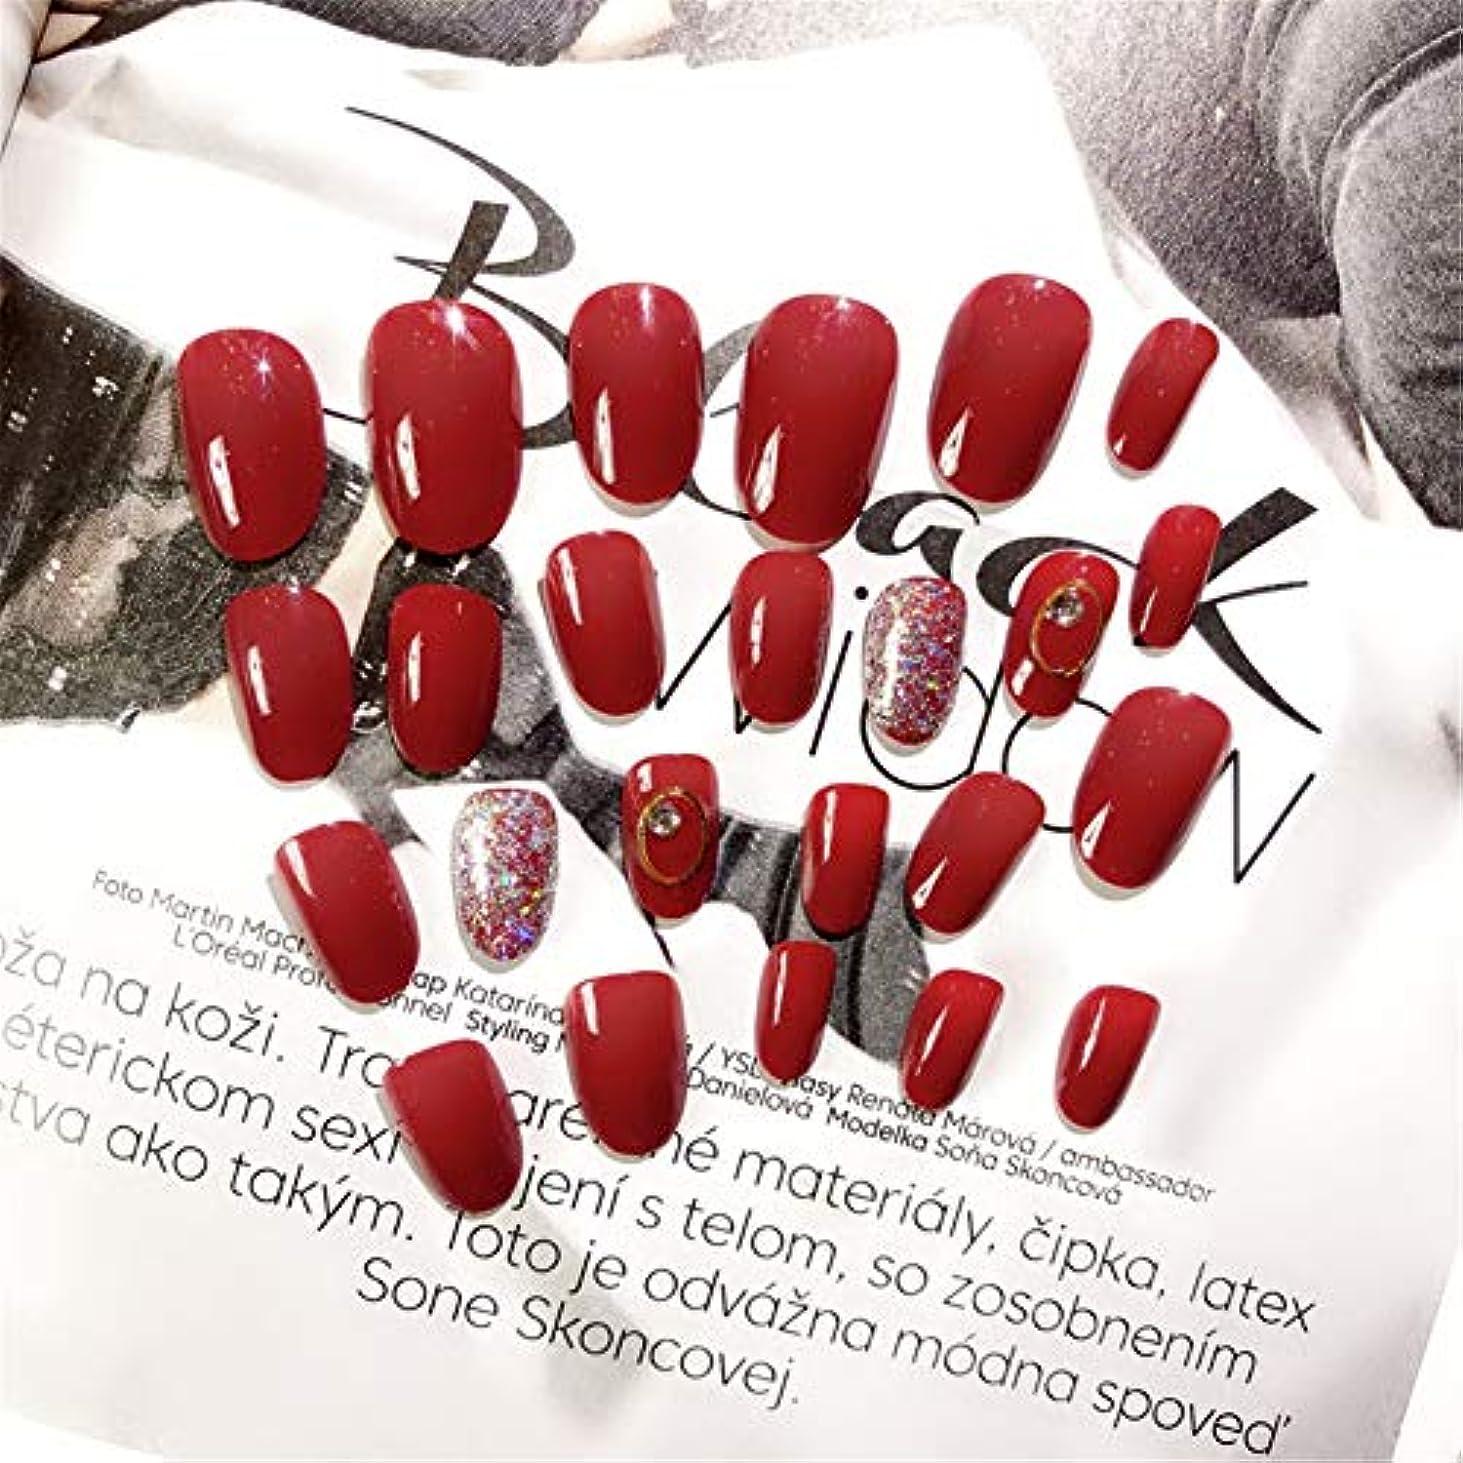 状ゲート補償ネイルアート装飾のための24本の偽爪、偽人工爪、ショート、フランススタイル、接着剤付き